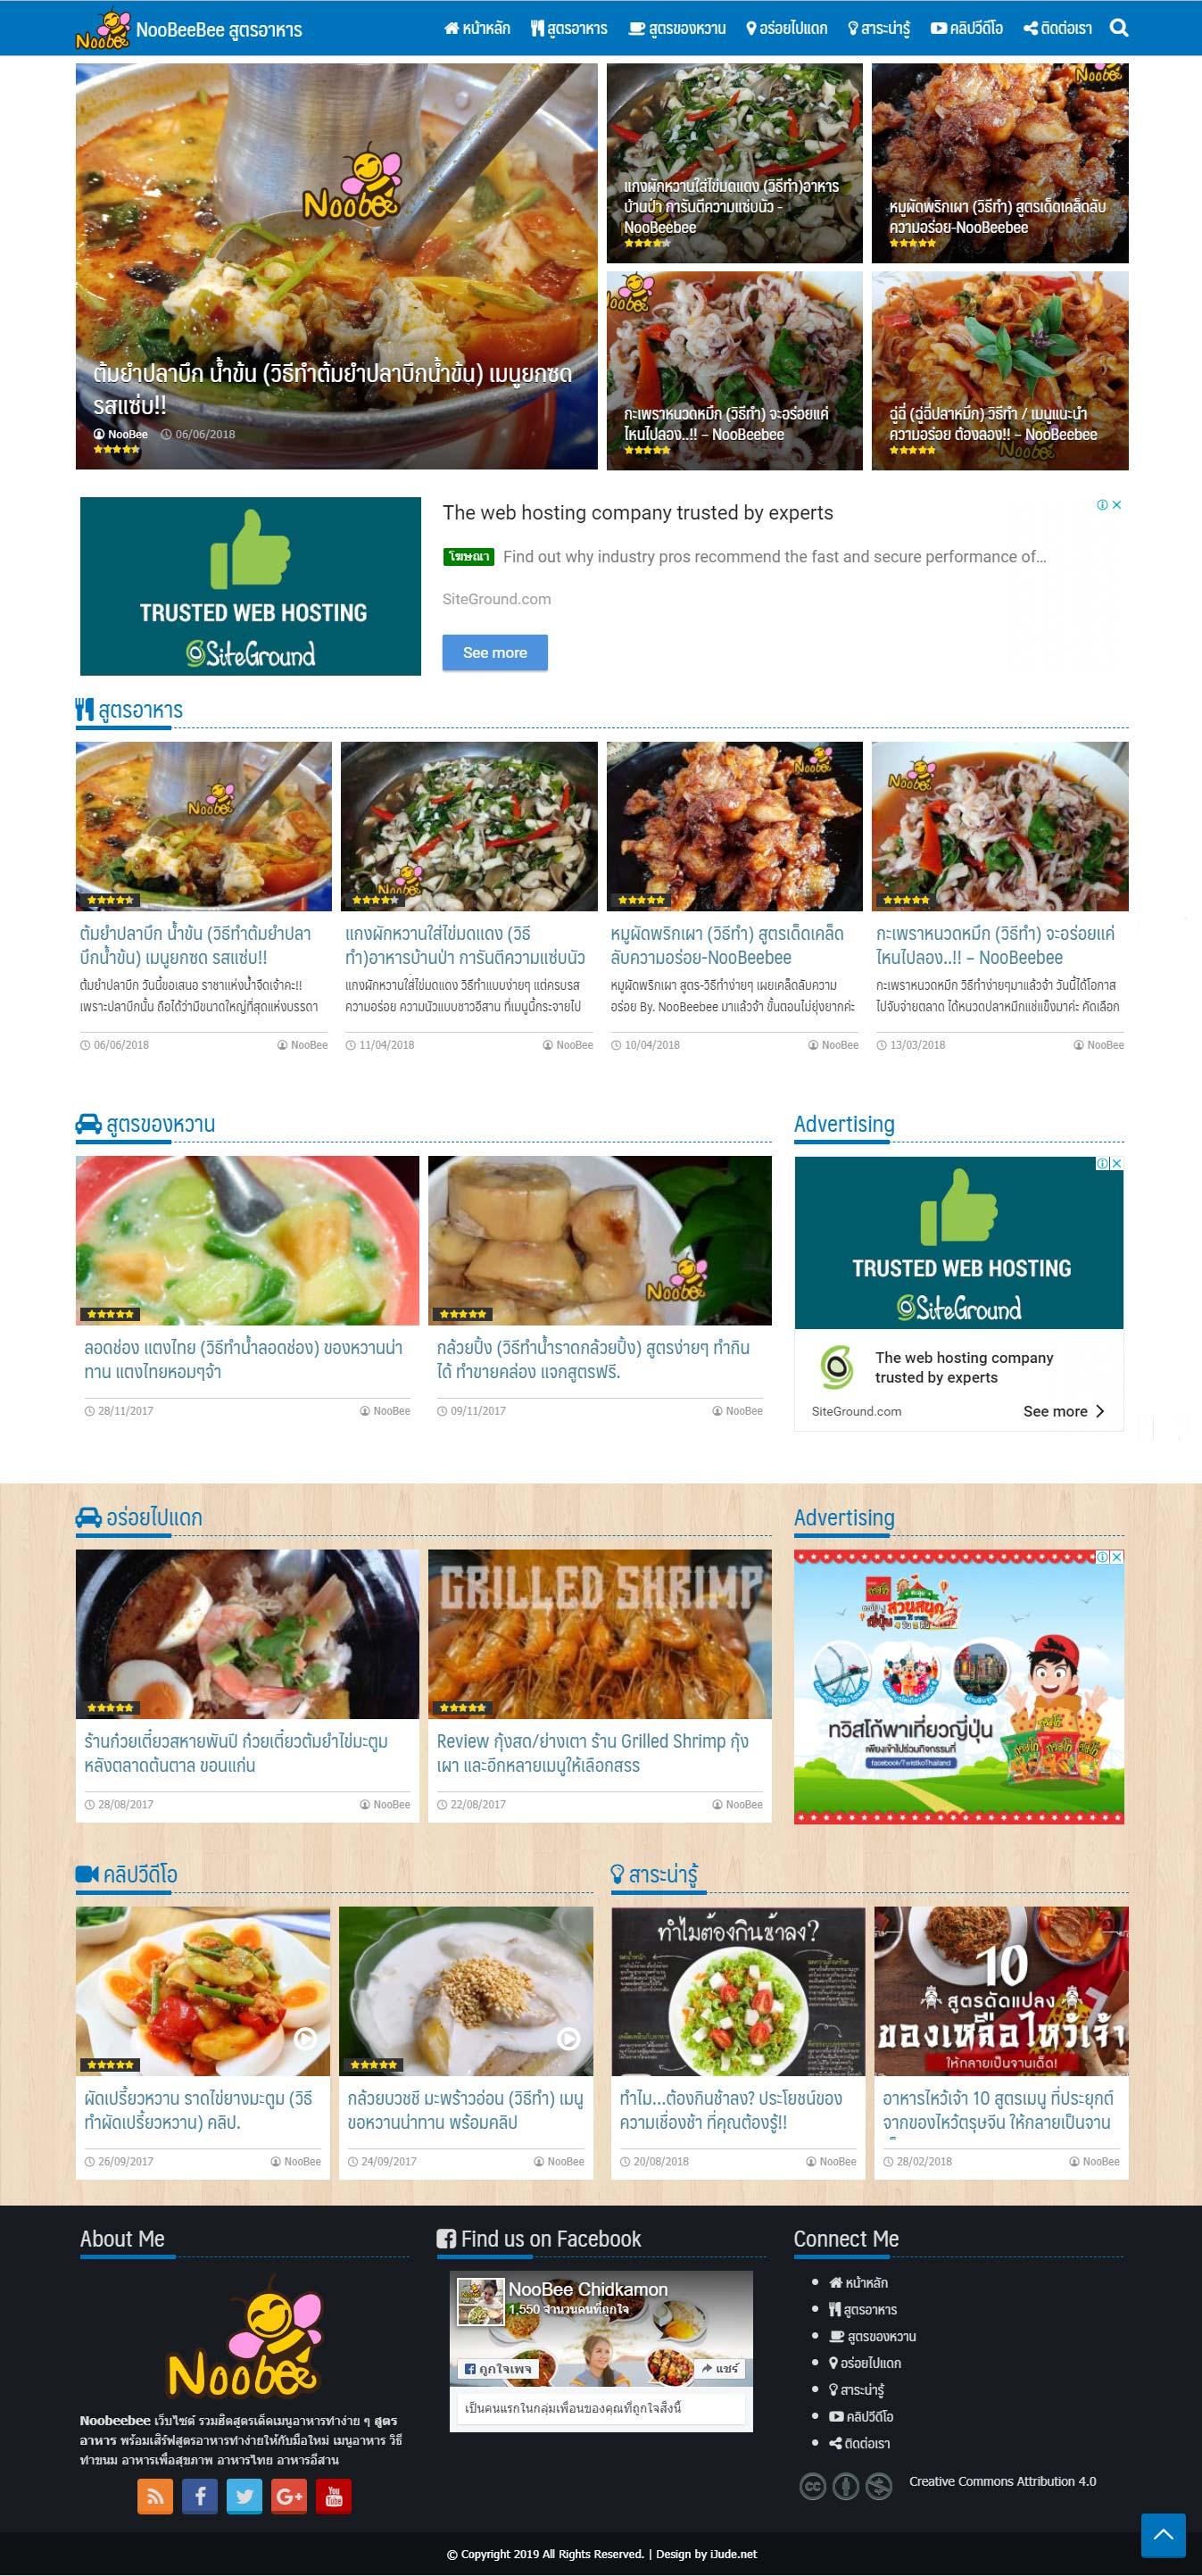 เว็บไซต์ noobeebee.com